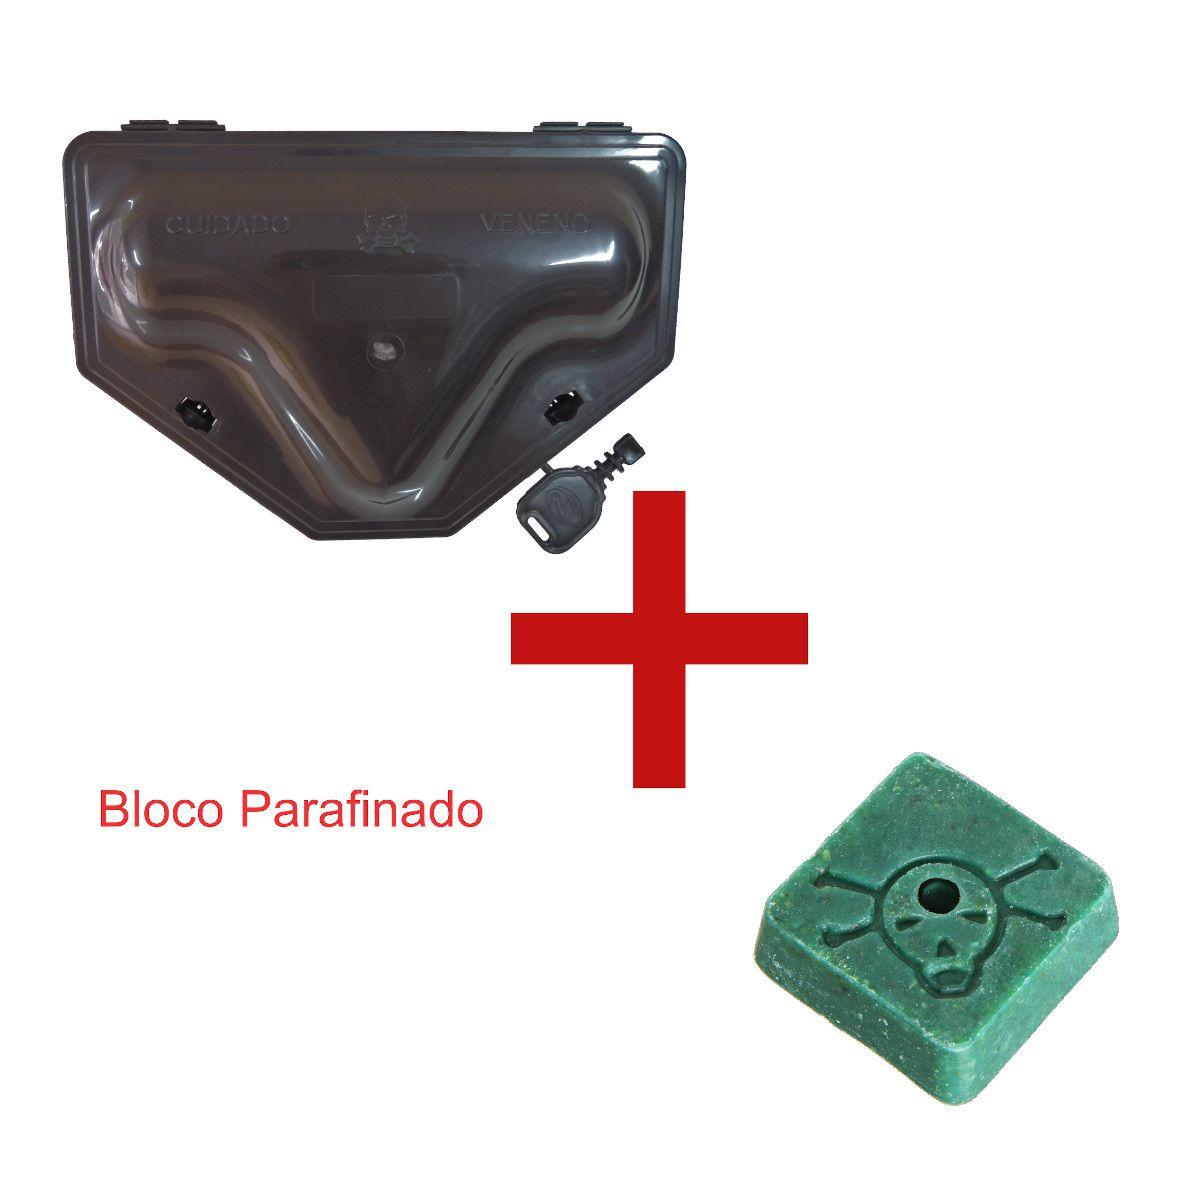 28 Porta Iscas C/ Duplo Travamento + 28 Bloco Parafinado